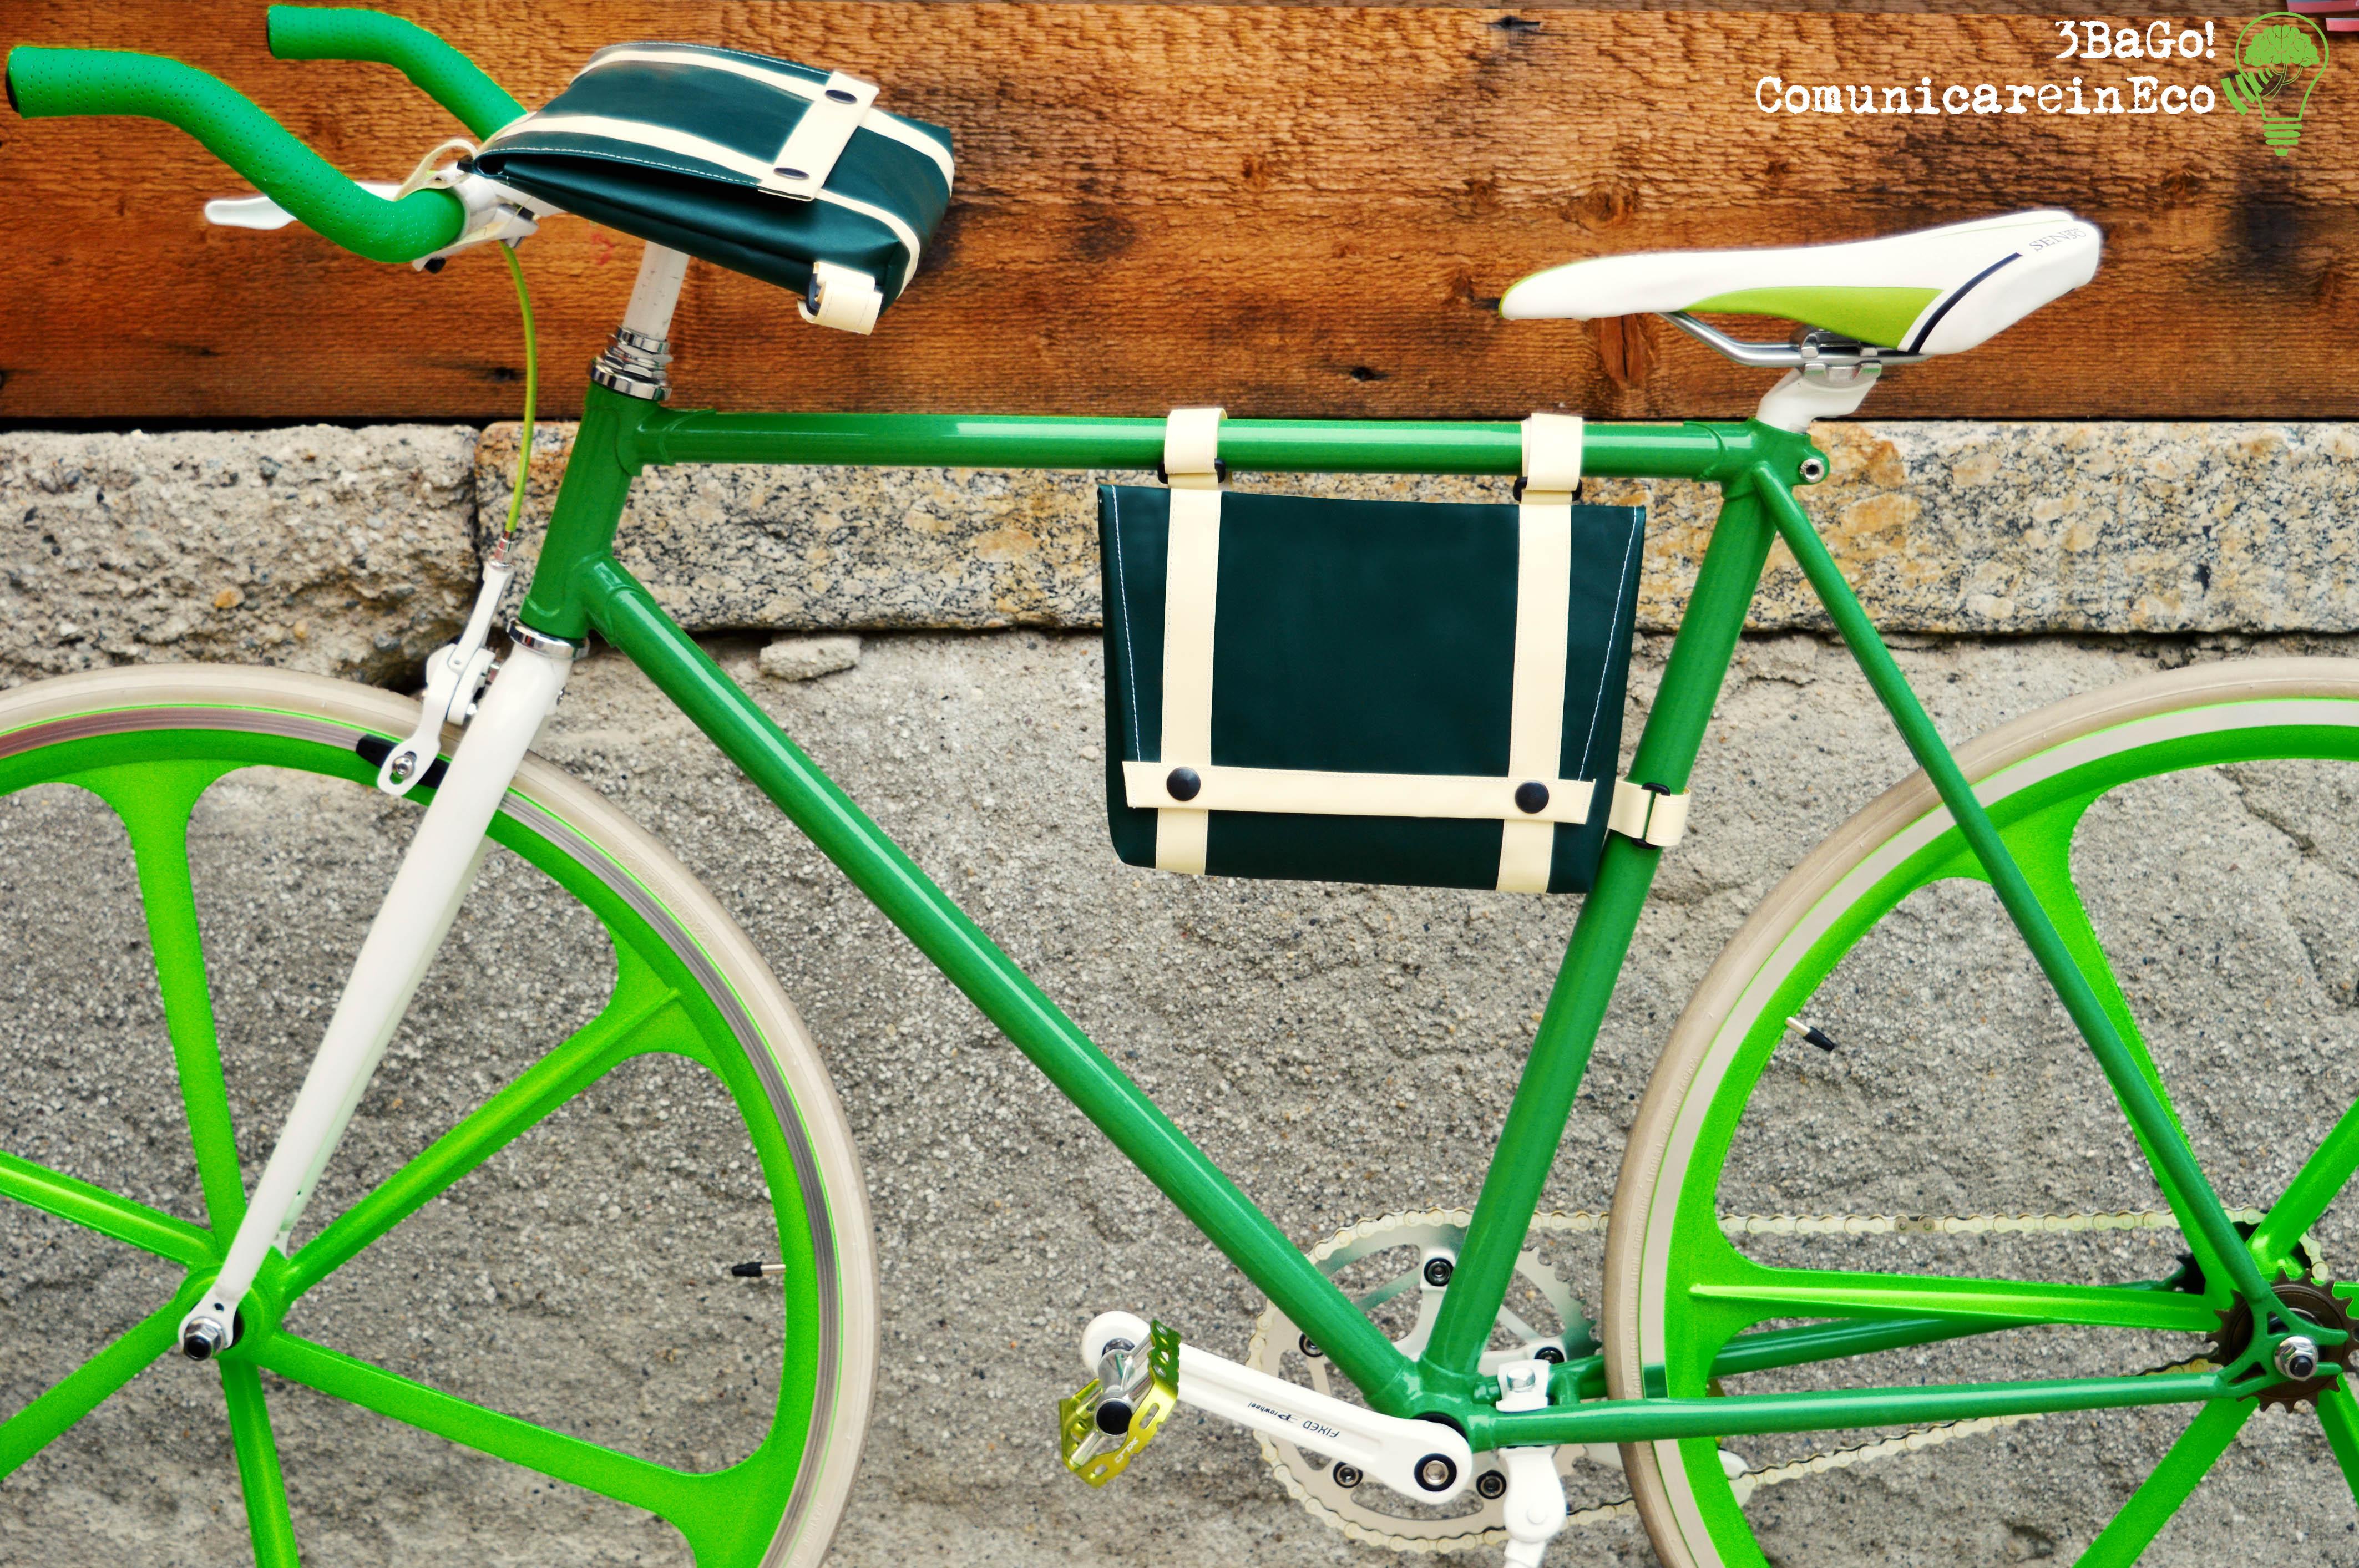 ComunicareinEcoBorsa bici 3BaGo! • ComunicareinEco 14c8f24f1e4